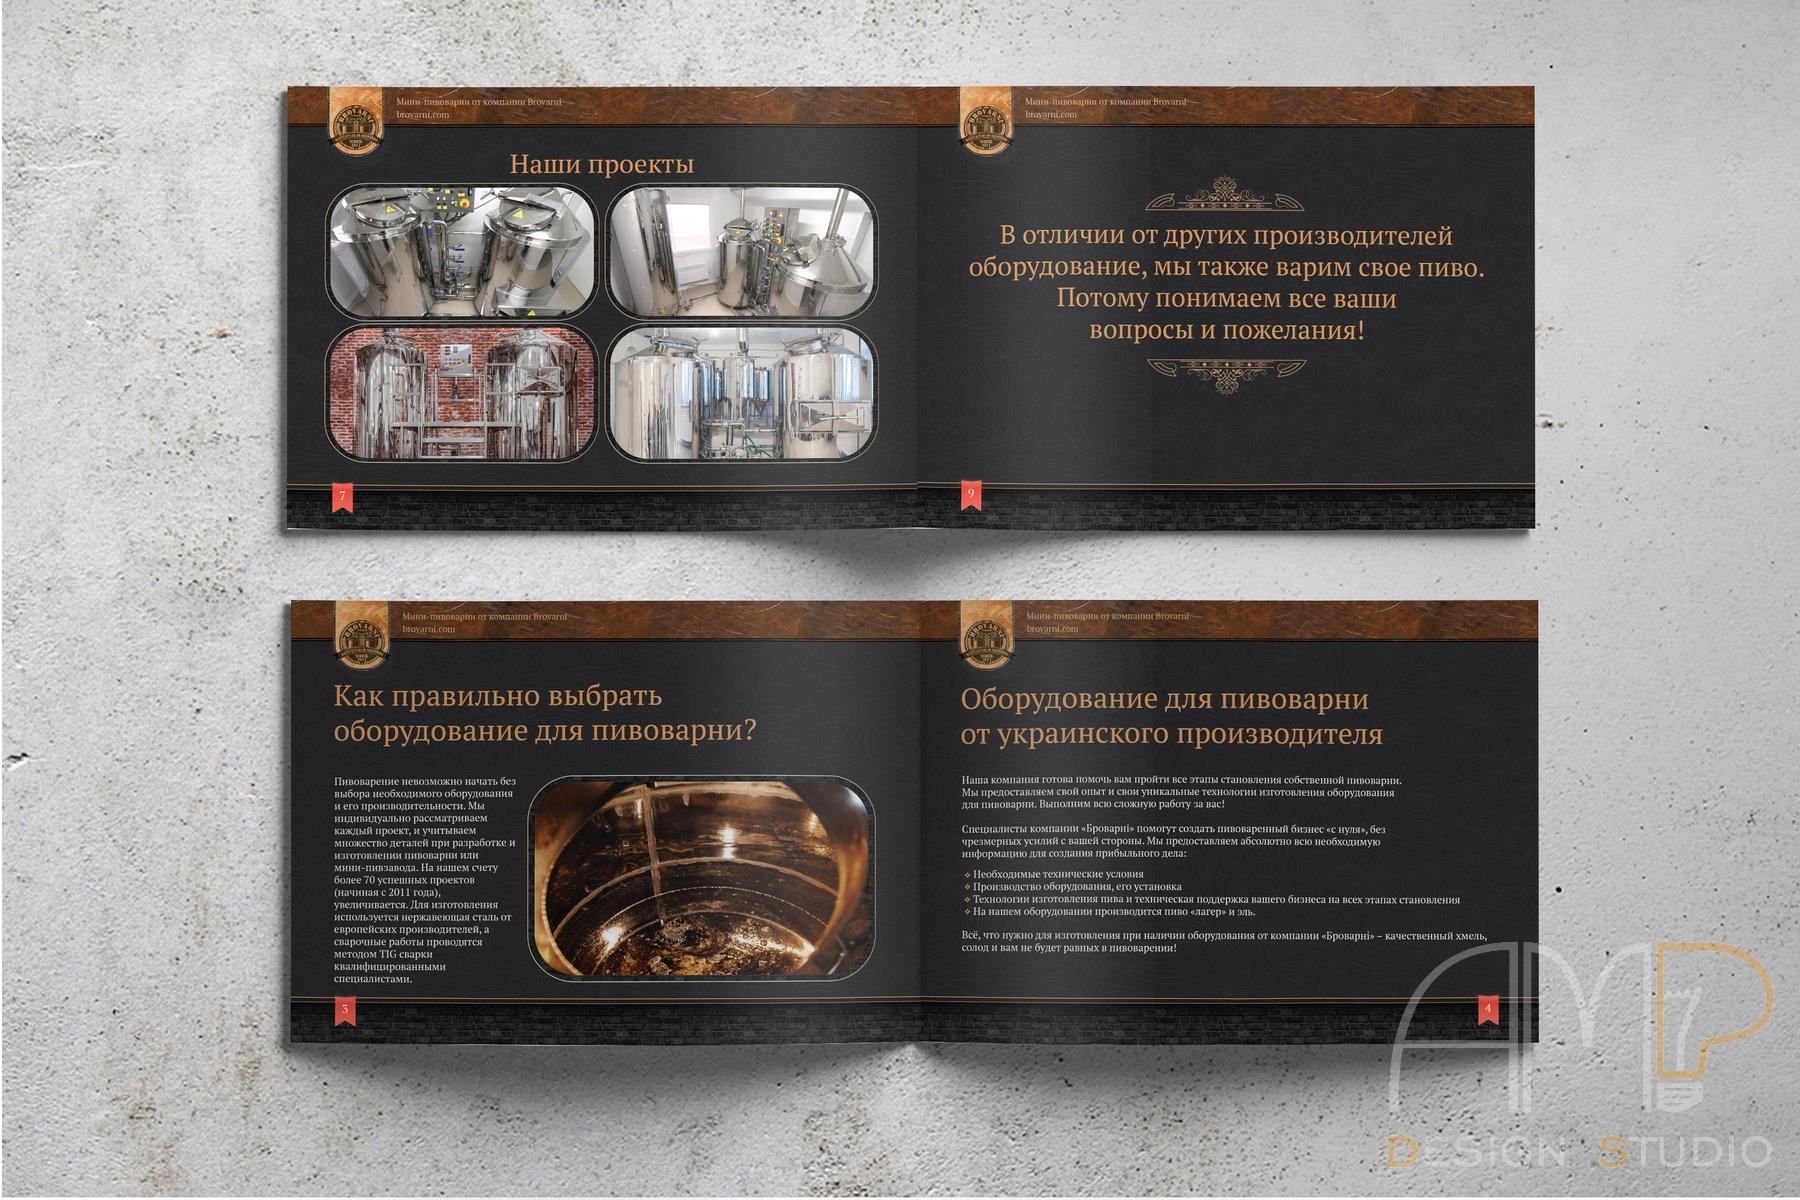 Brovarni_presentation_1